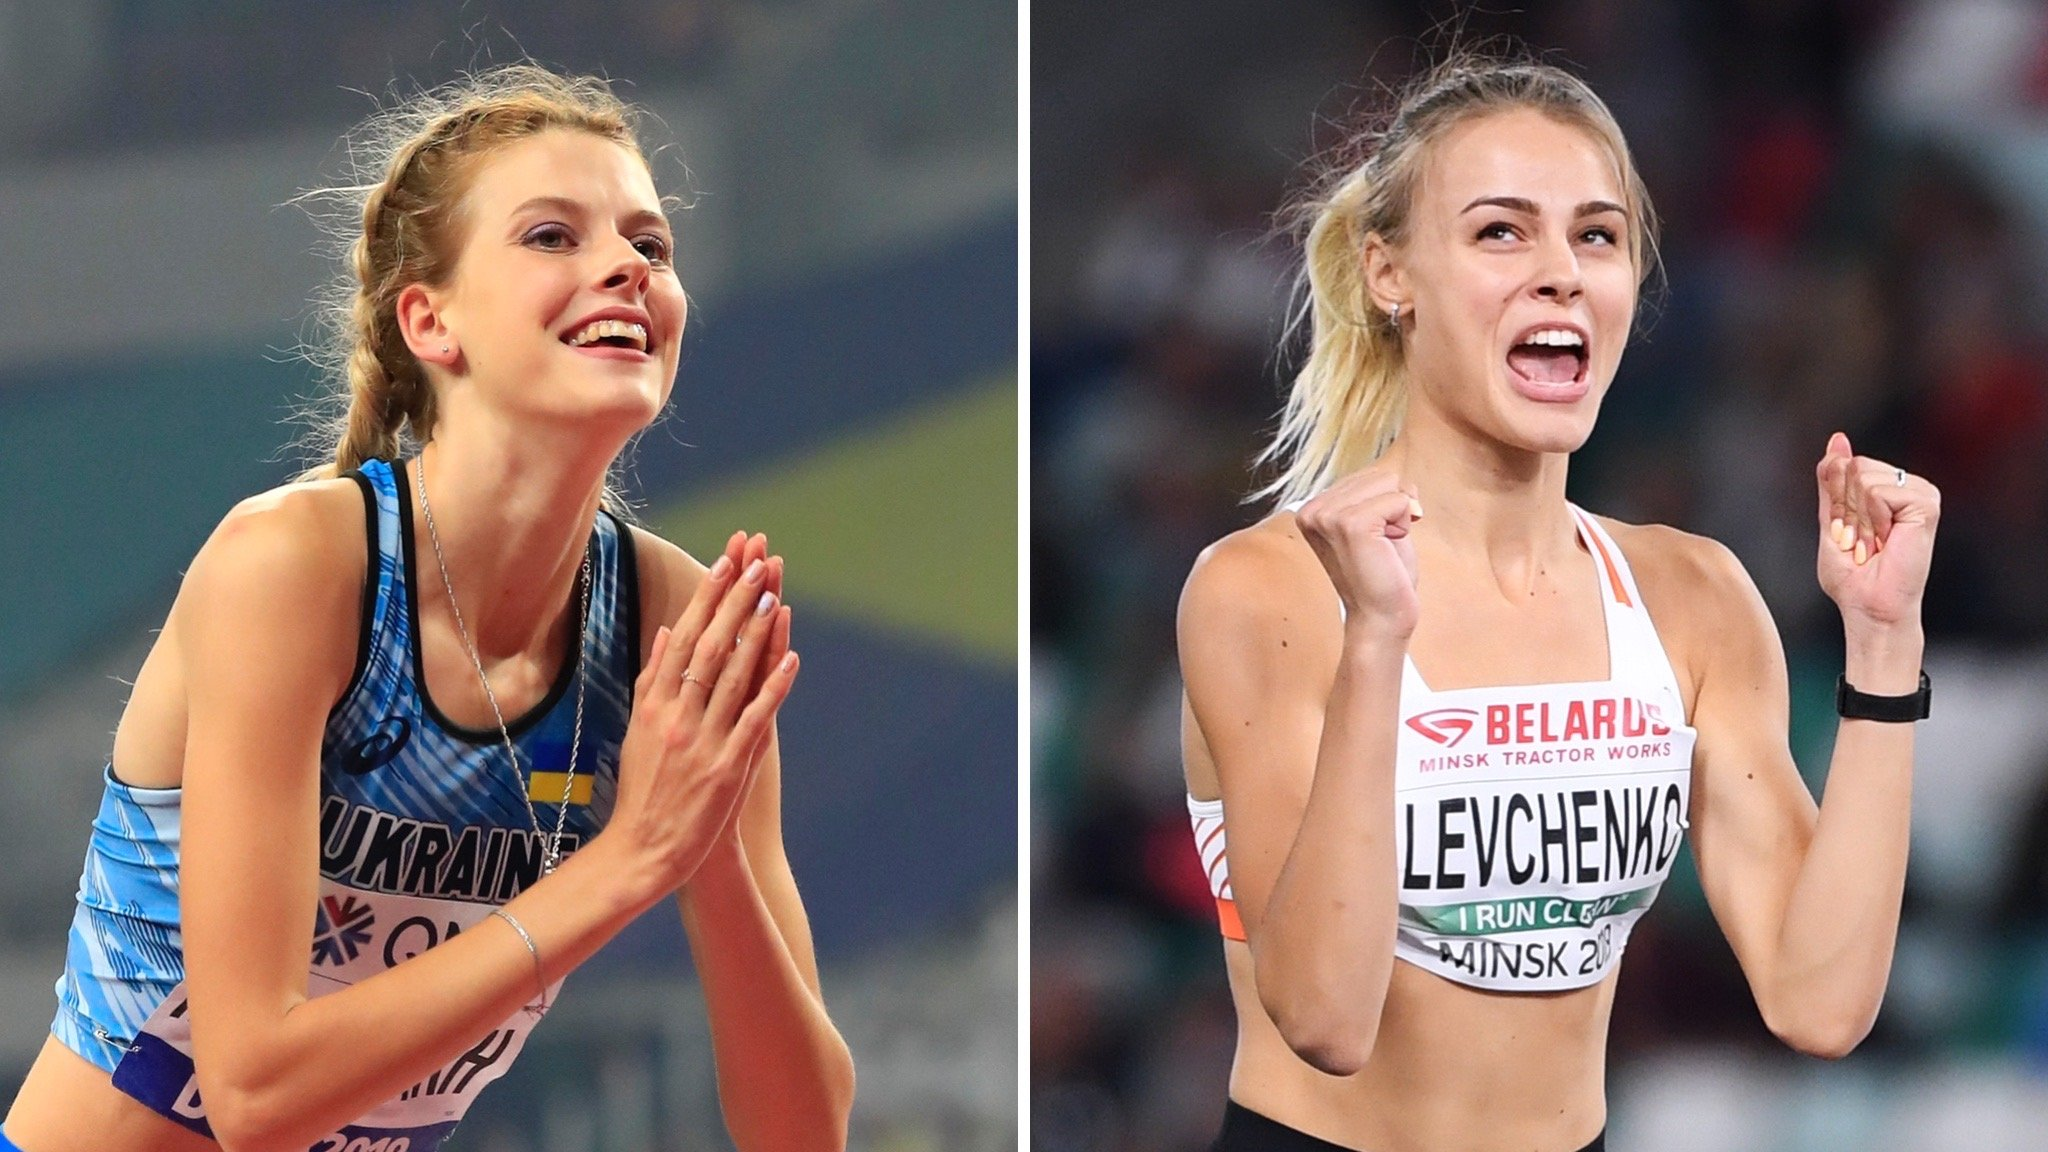 Украинские легкоатлетки завоевали первенство. Фаворитки международных соревнований!